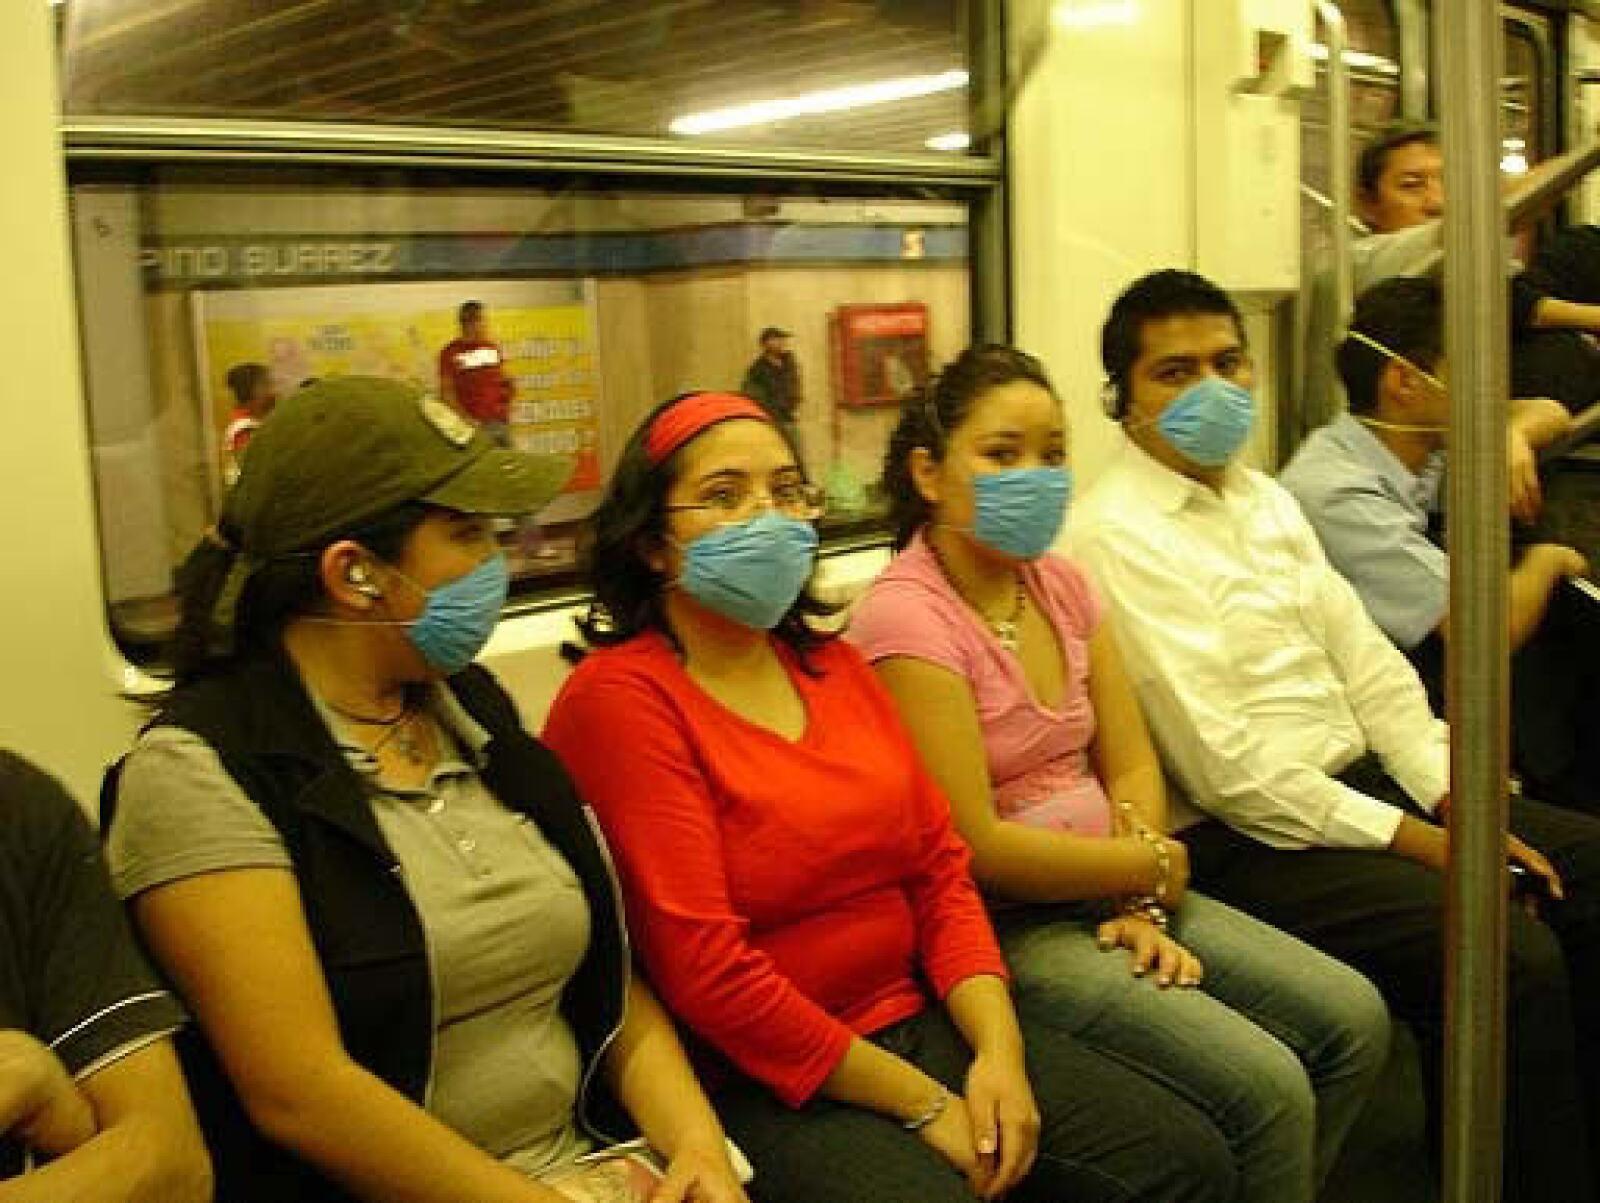 El fantasma de la epidemia de AH1N1 está flotando en todo momento.  (Foto: Especial)